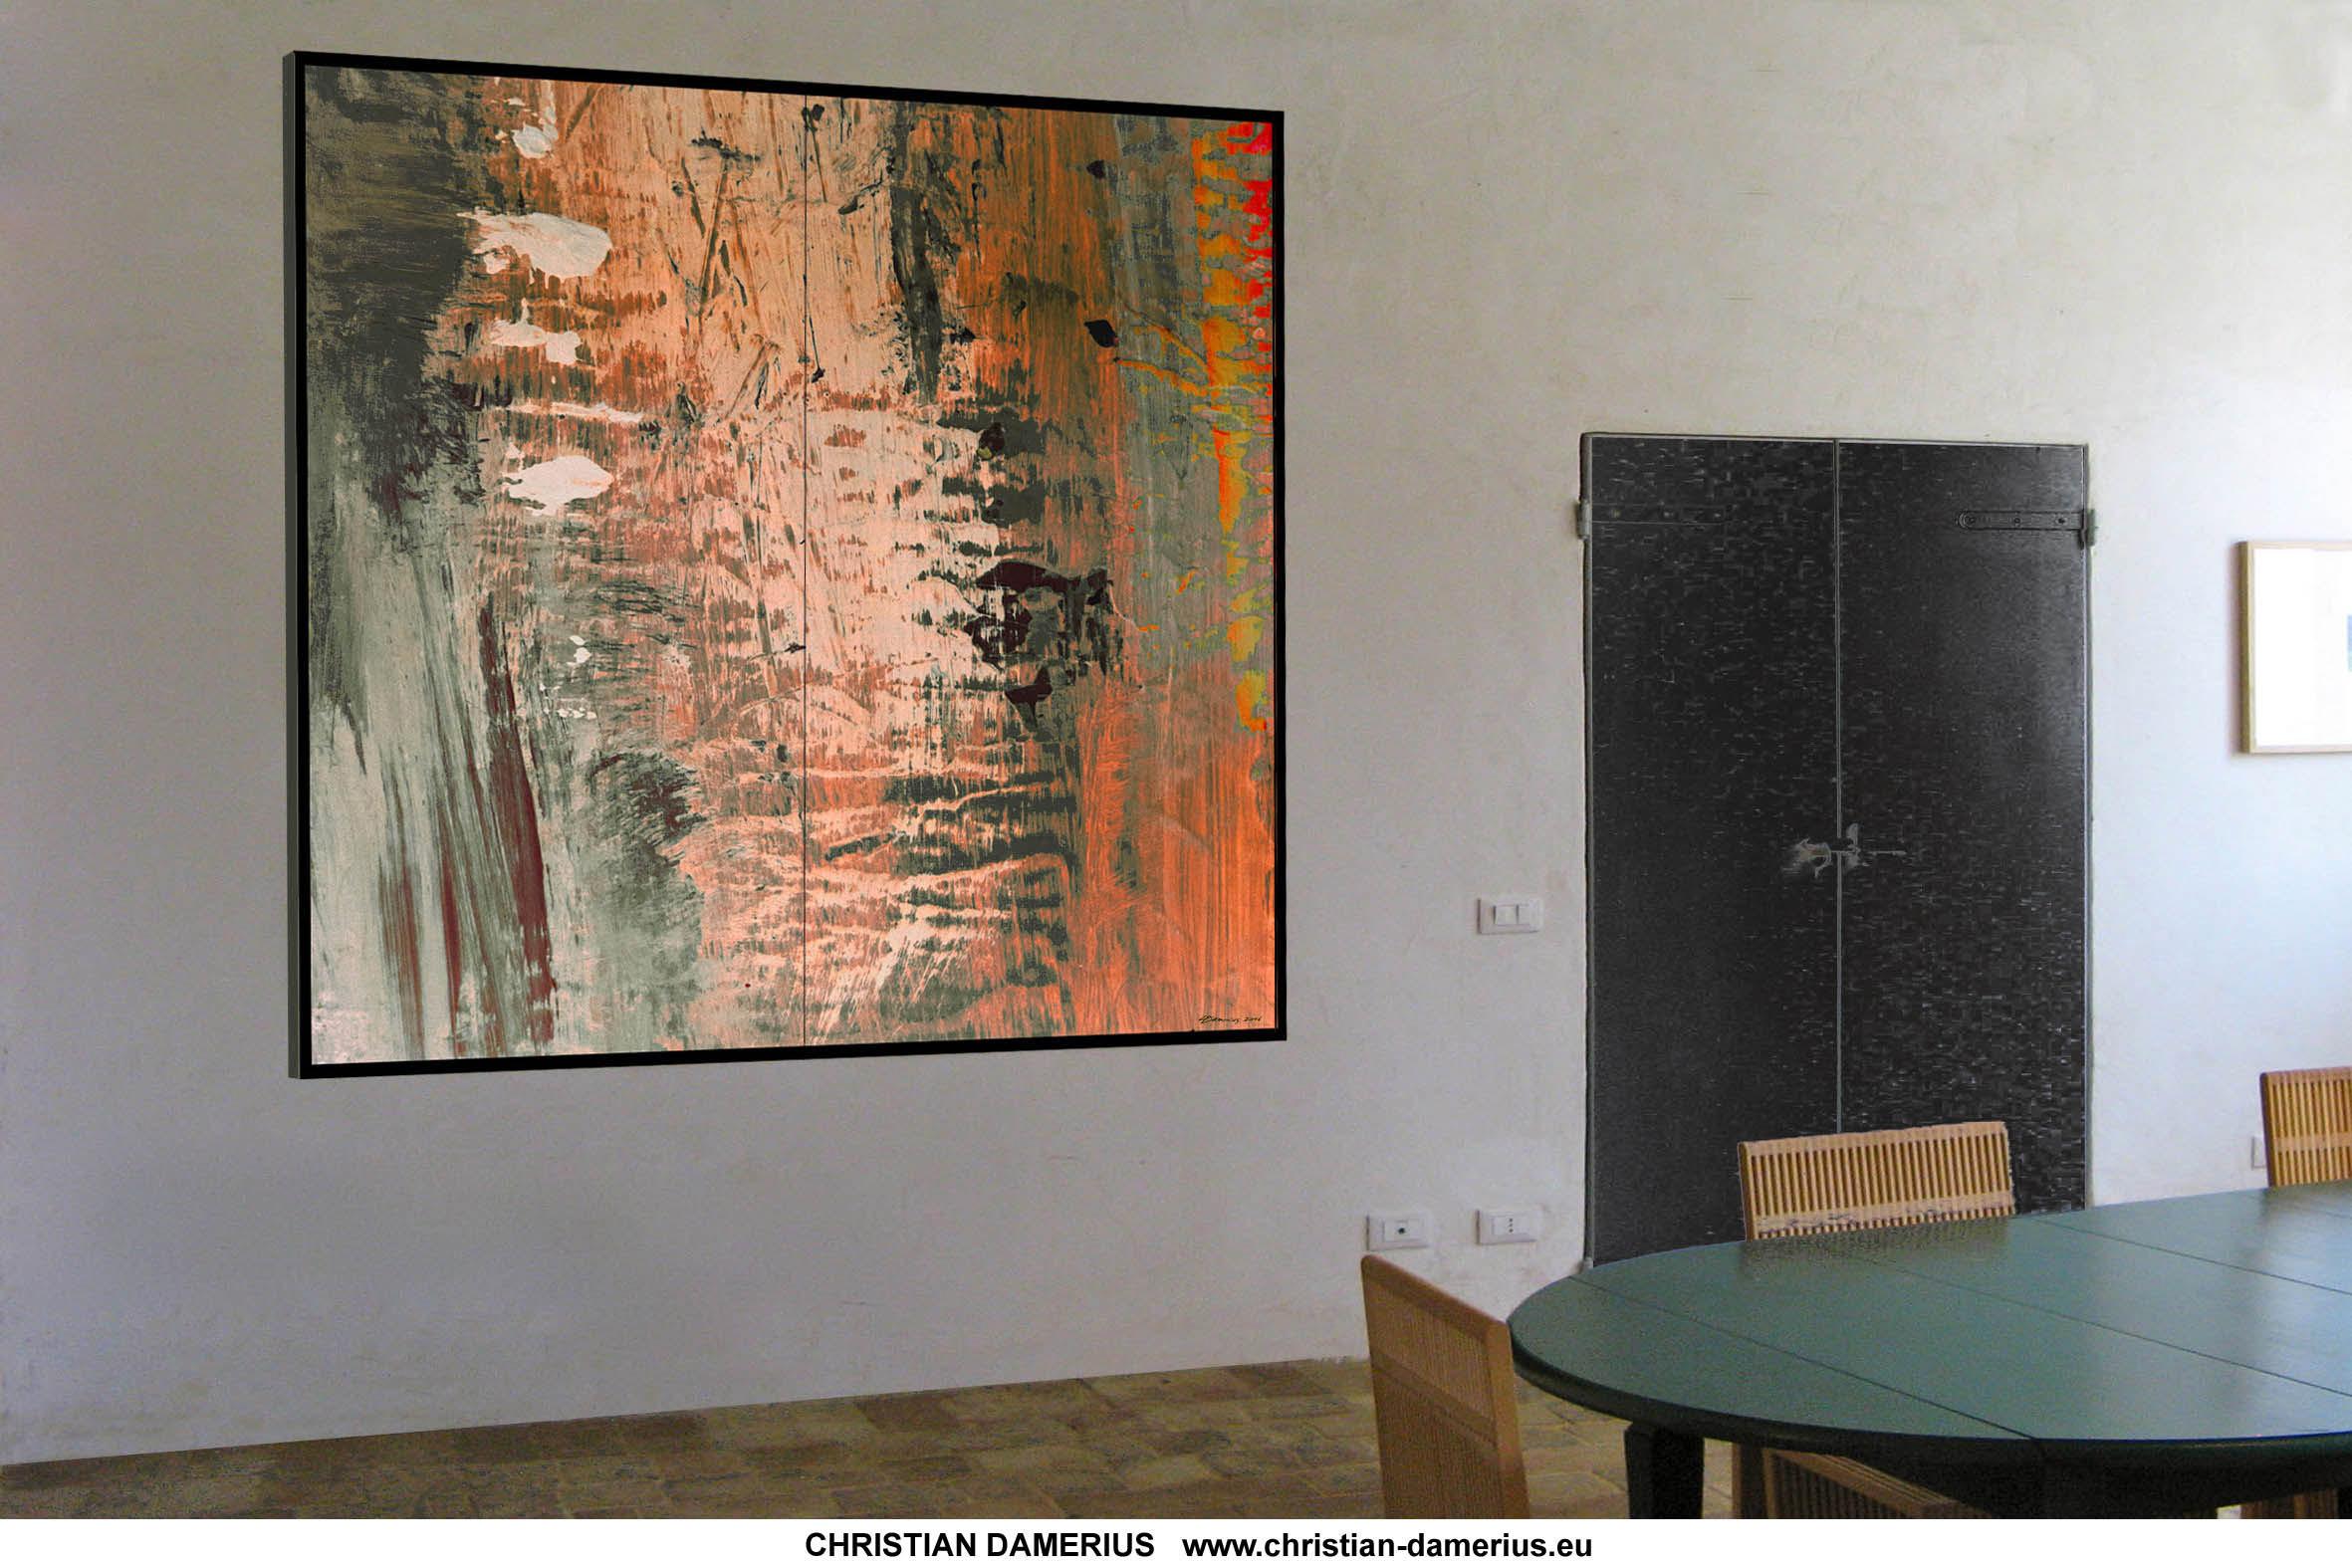 abstraktion 9,moderne kunstdrucke kaufen,gemälde und kunstdrucke kaufen,tipps wandgestaltung bilder,abstrakte malerei,christian damerius,gemälde bilder in büros wohnzimmern,moderne deutsche auftragsmaler,gemälde in hamburg kaufen,wer malt auftragsbilder,